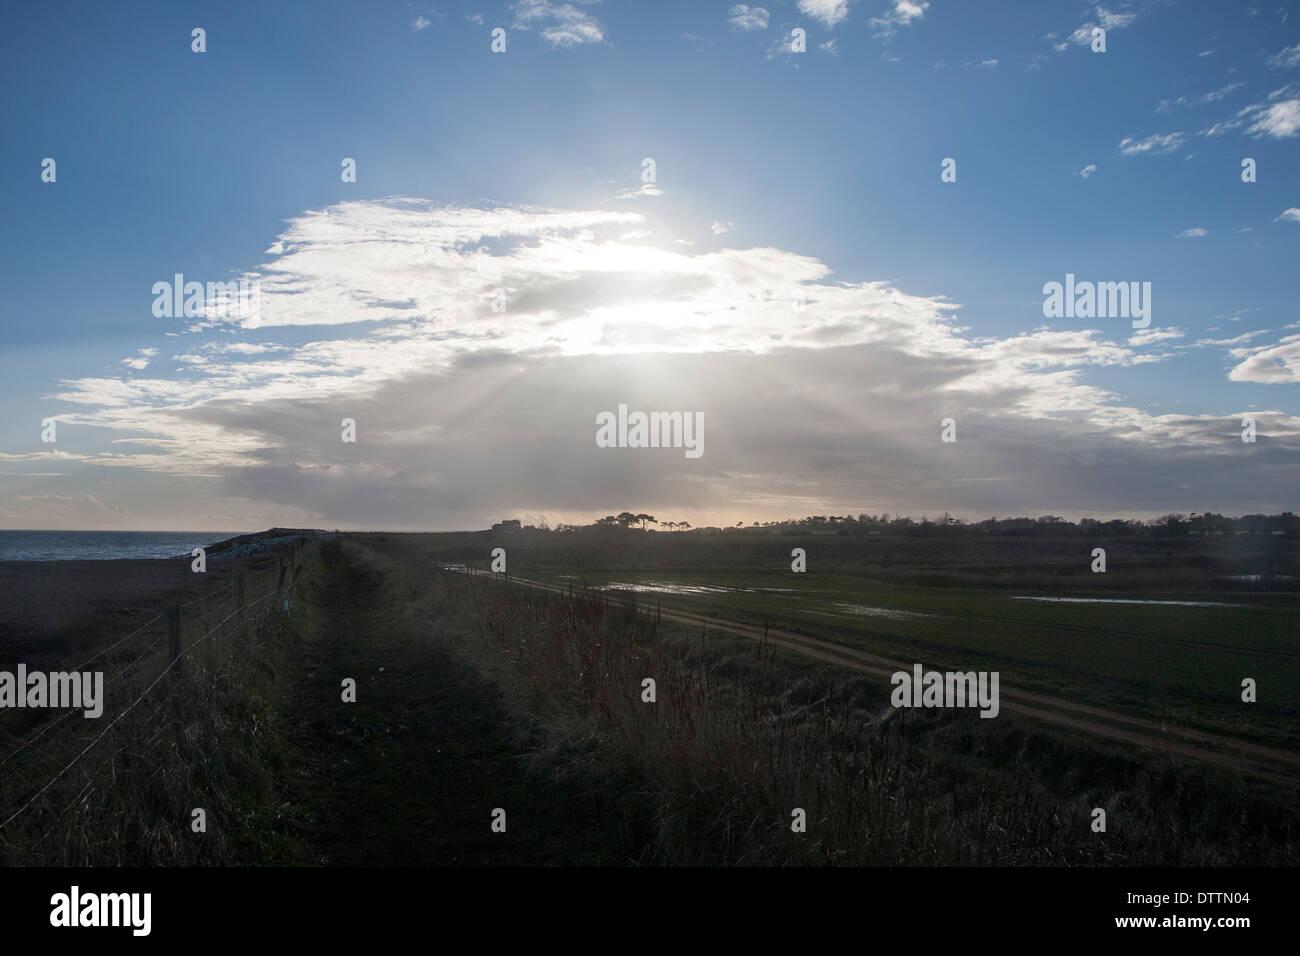 Frontale di nuvole che si muovono oltre il cielo bloccando il sole a Bawdsey, Suffolk, Inghilterra Immagini Stock